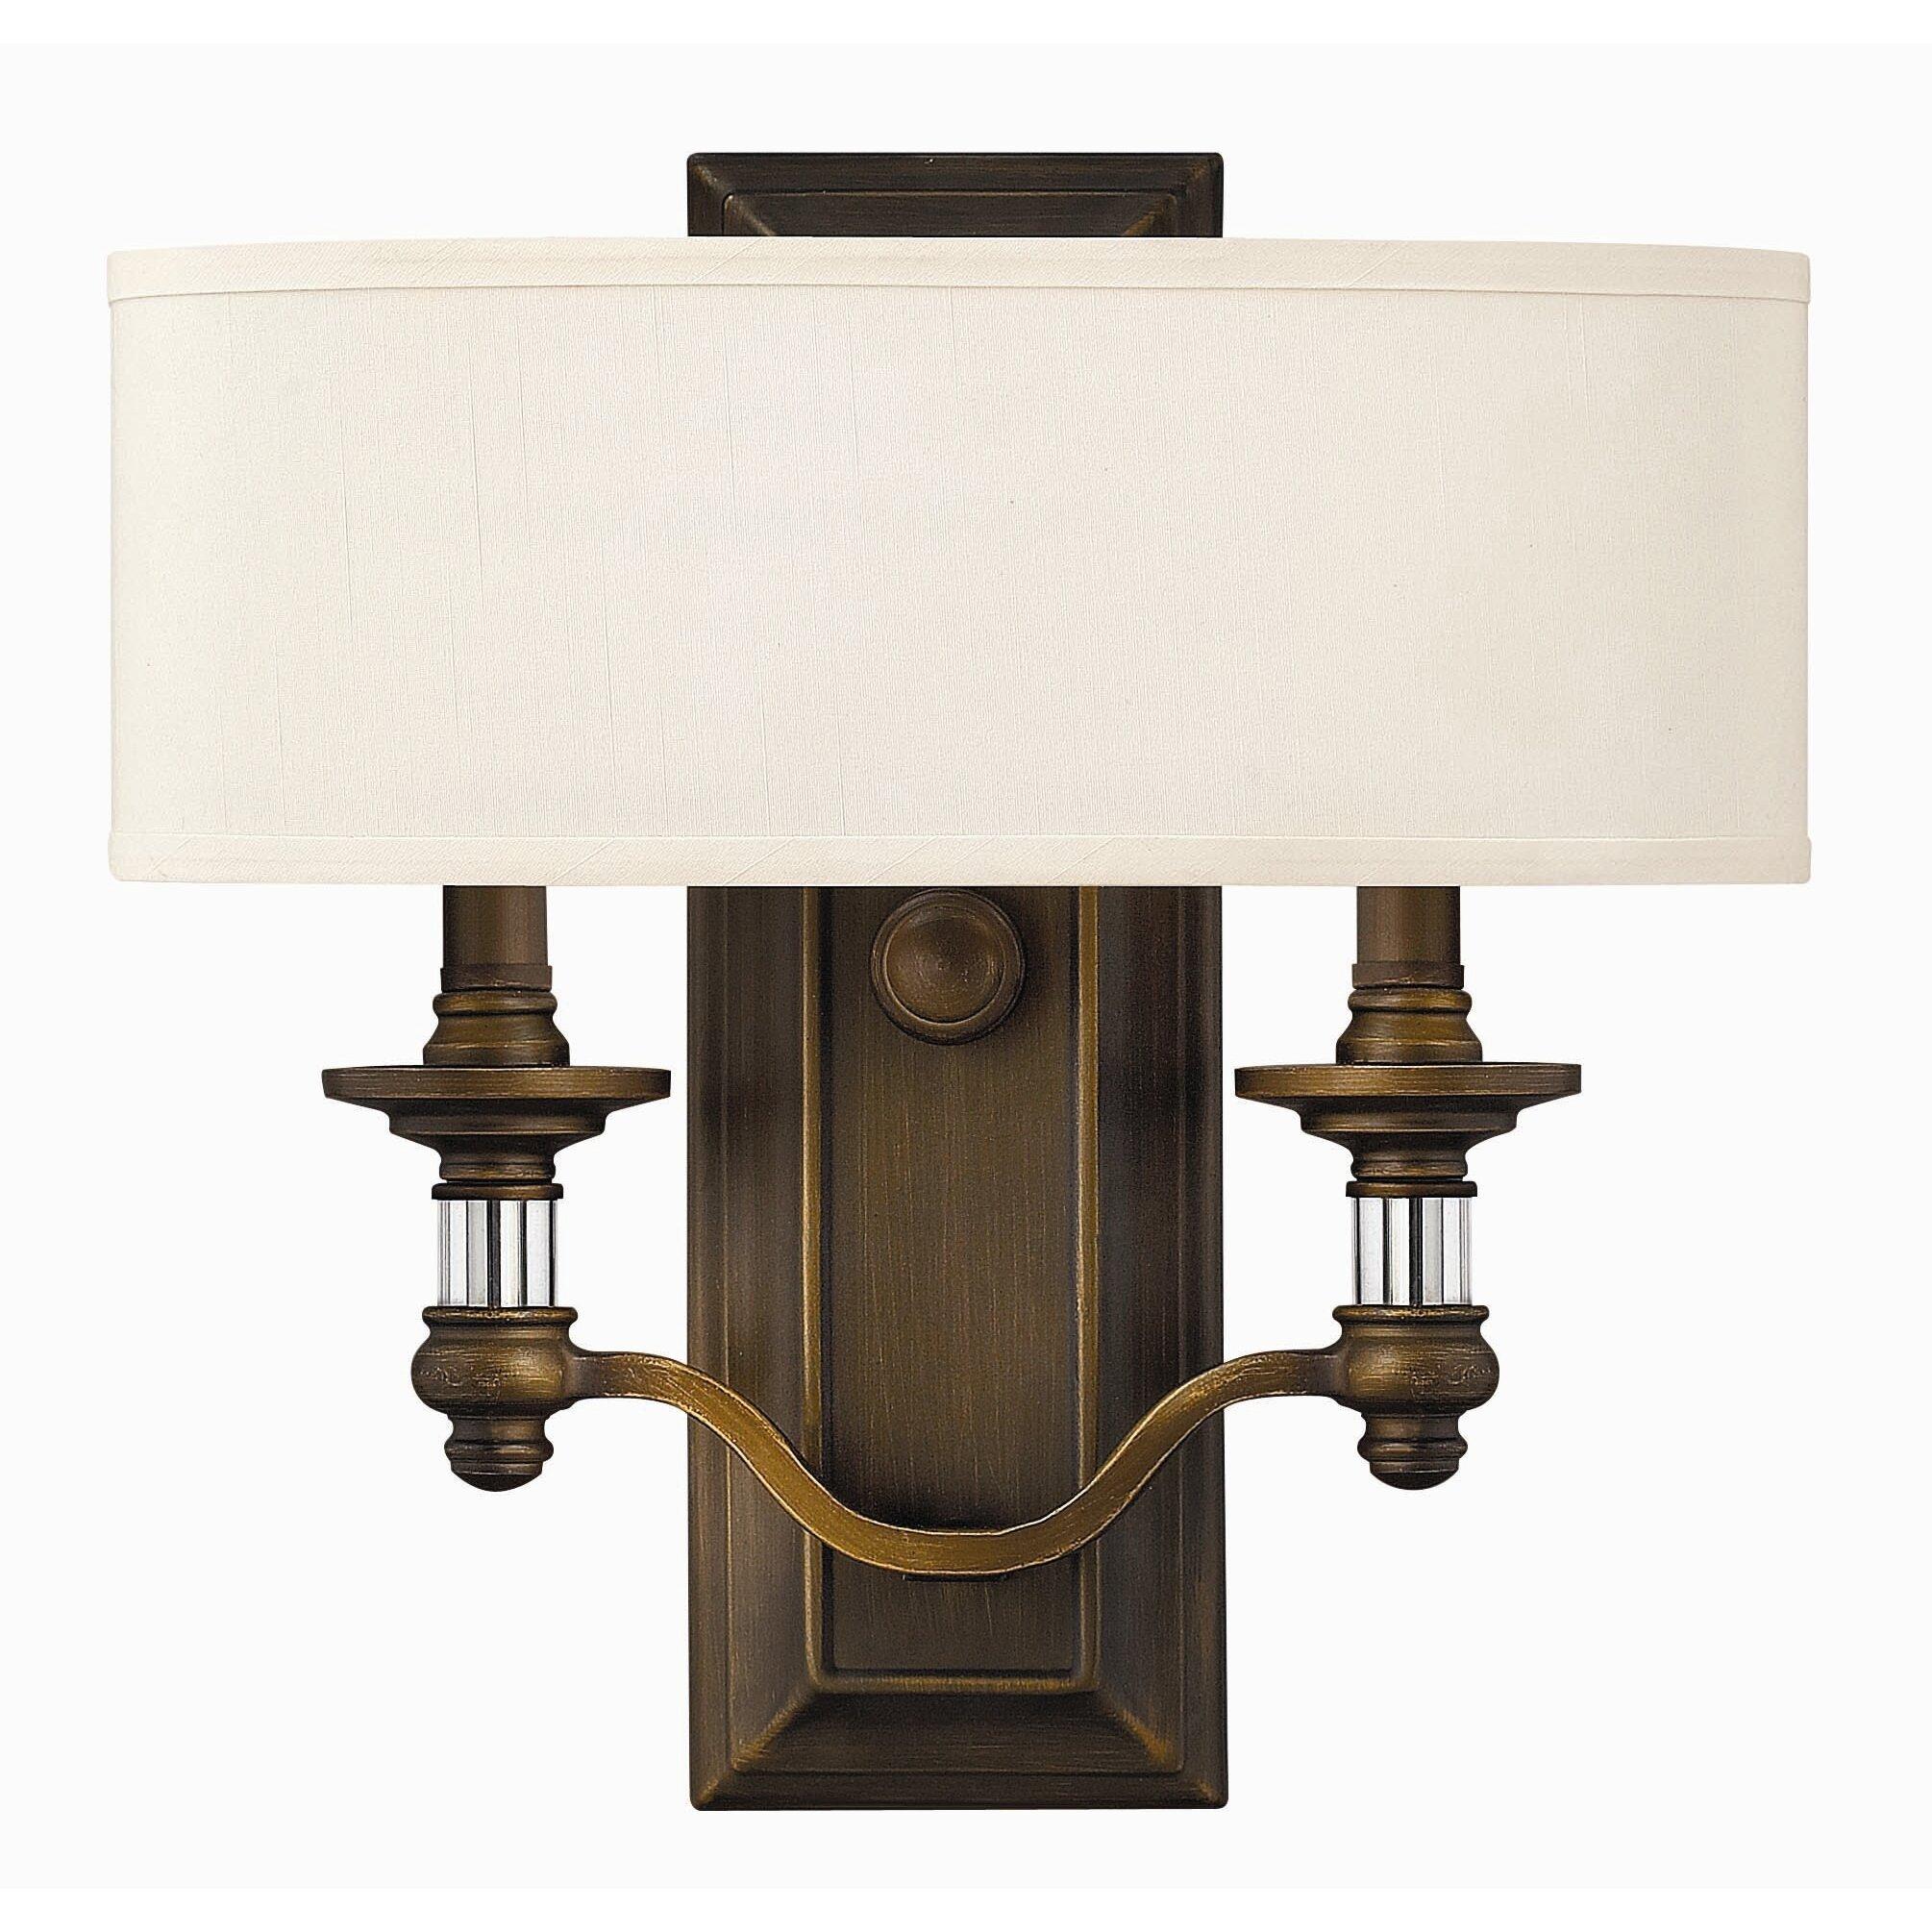 Hinkley Lighting Mercer: Middlebrooks 2 Light Wall Sconce